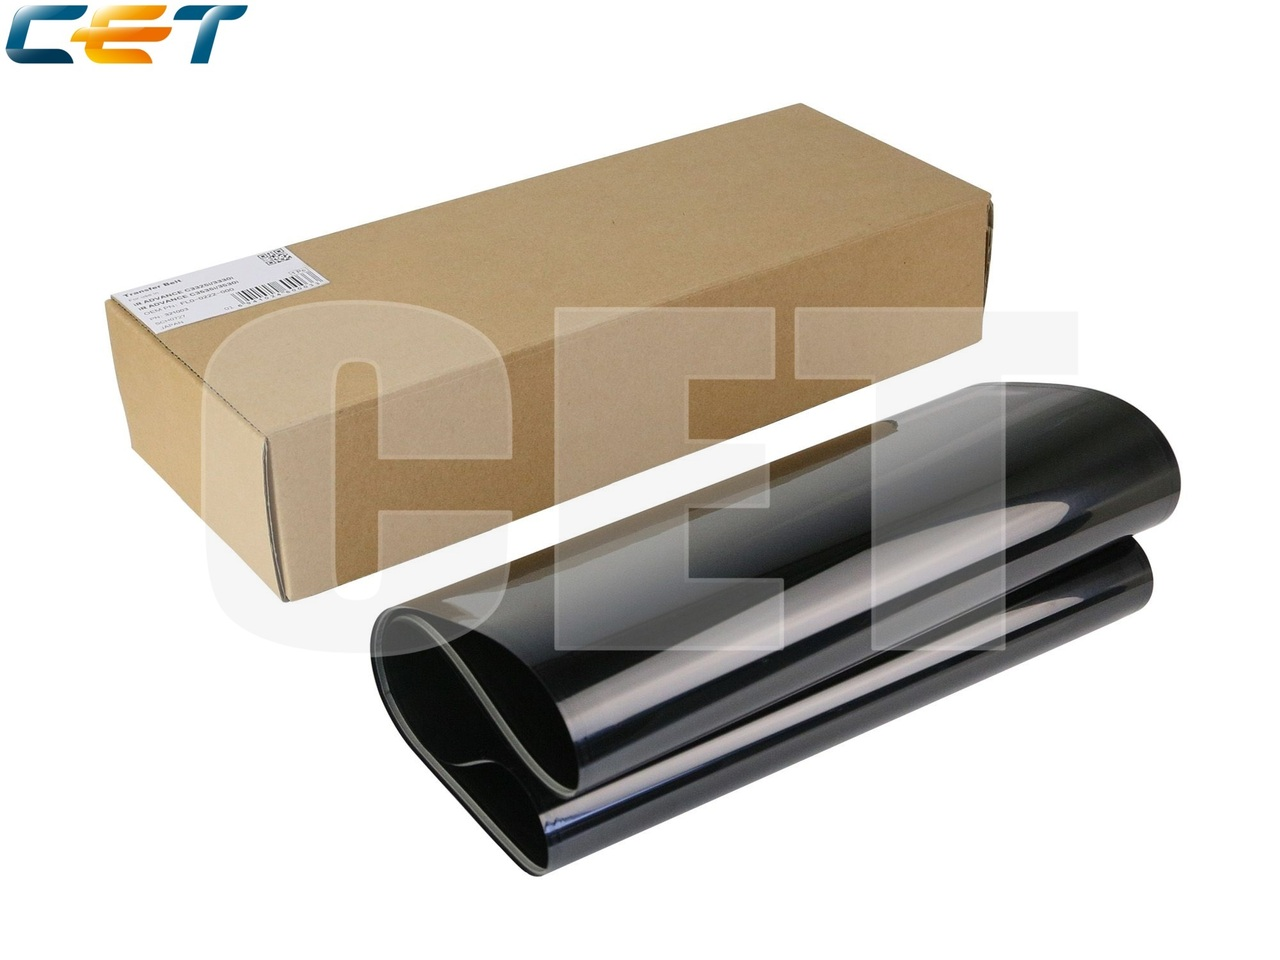 Лента переноса (Япония) FL0-0222-000 для CANON iRADVANCE C3520i/C3525i/C3530i (CET), CET321003